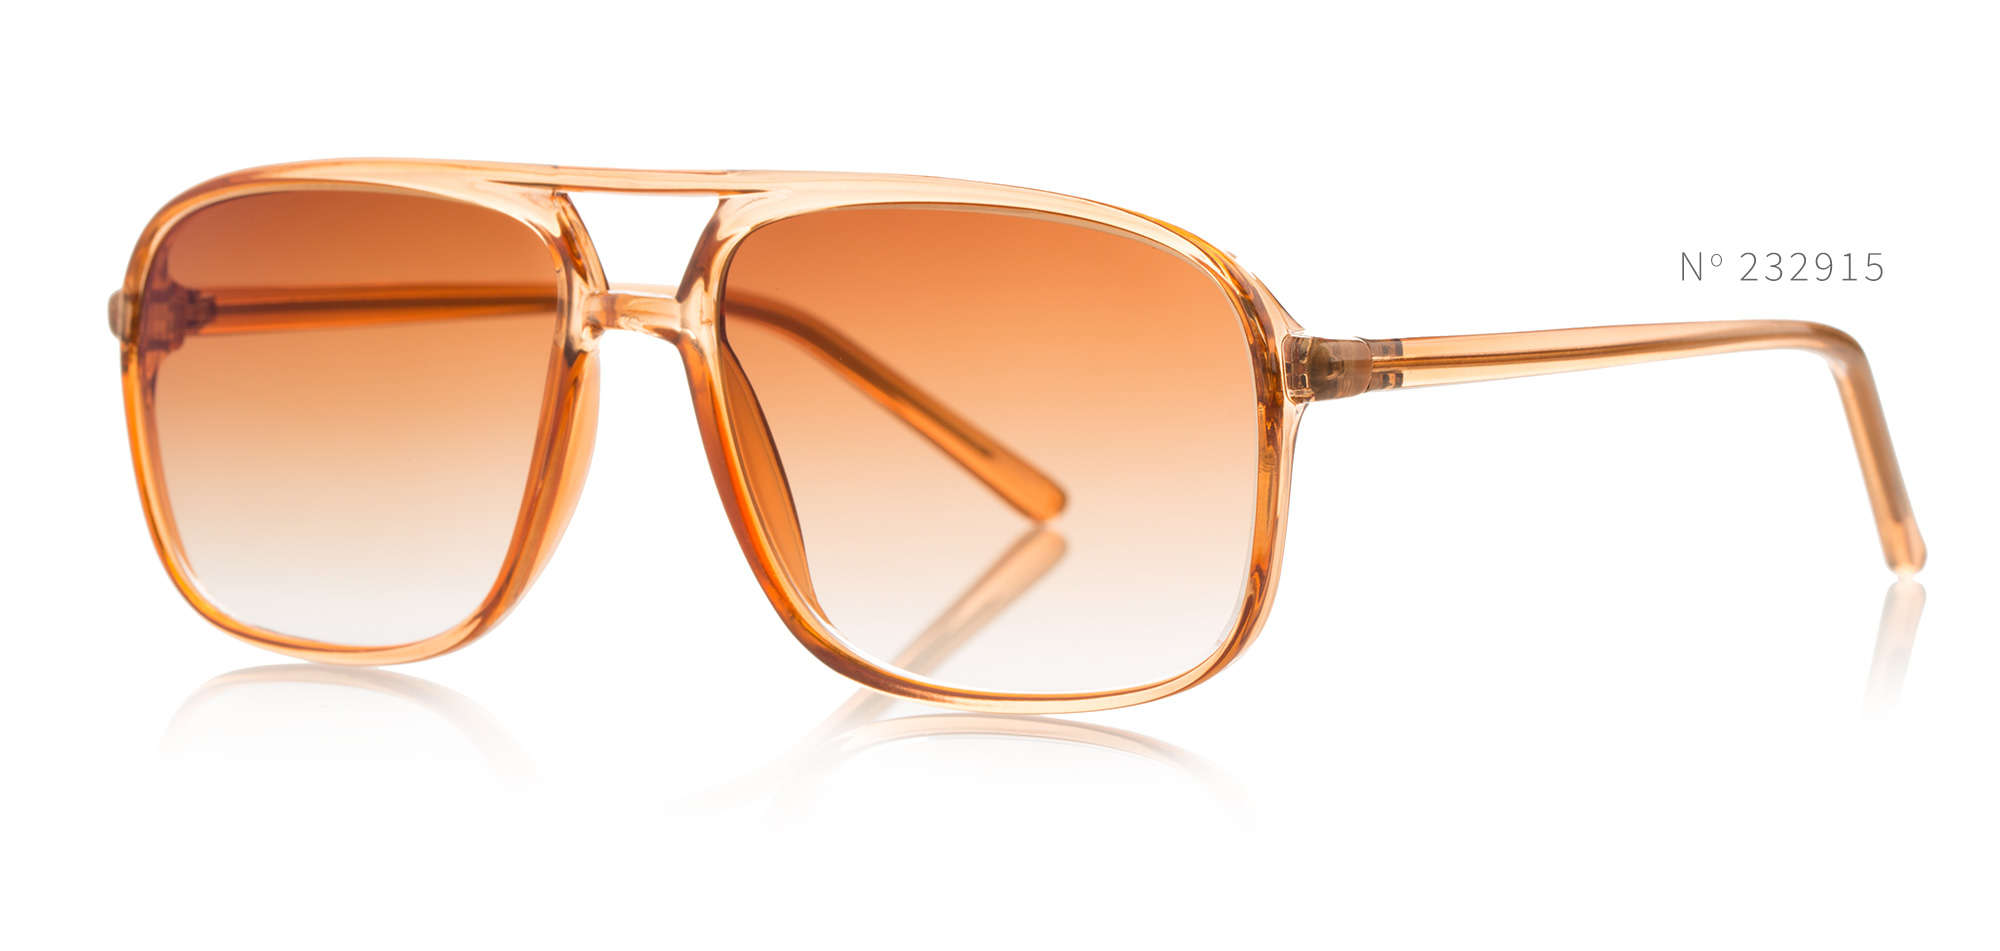 Zenni Optical Oversized Glasses : Sunglasses: trends for summer 2017 - Fashion Ki Batain